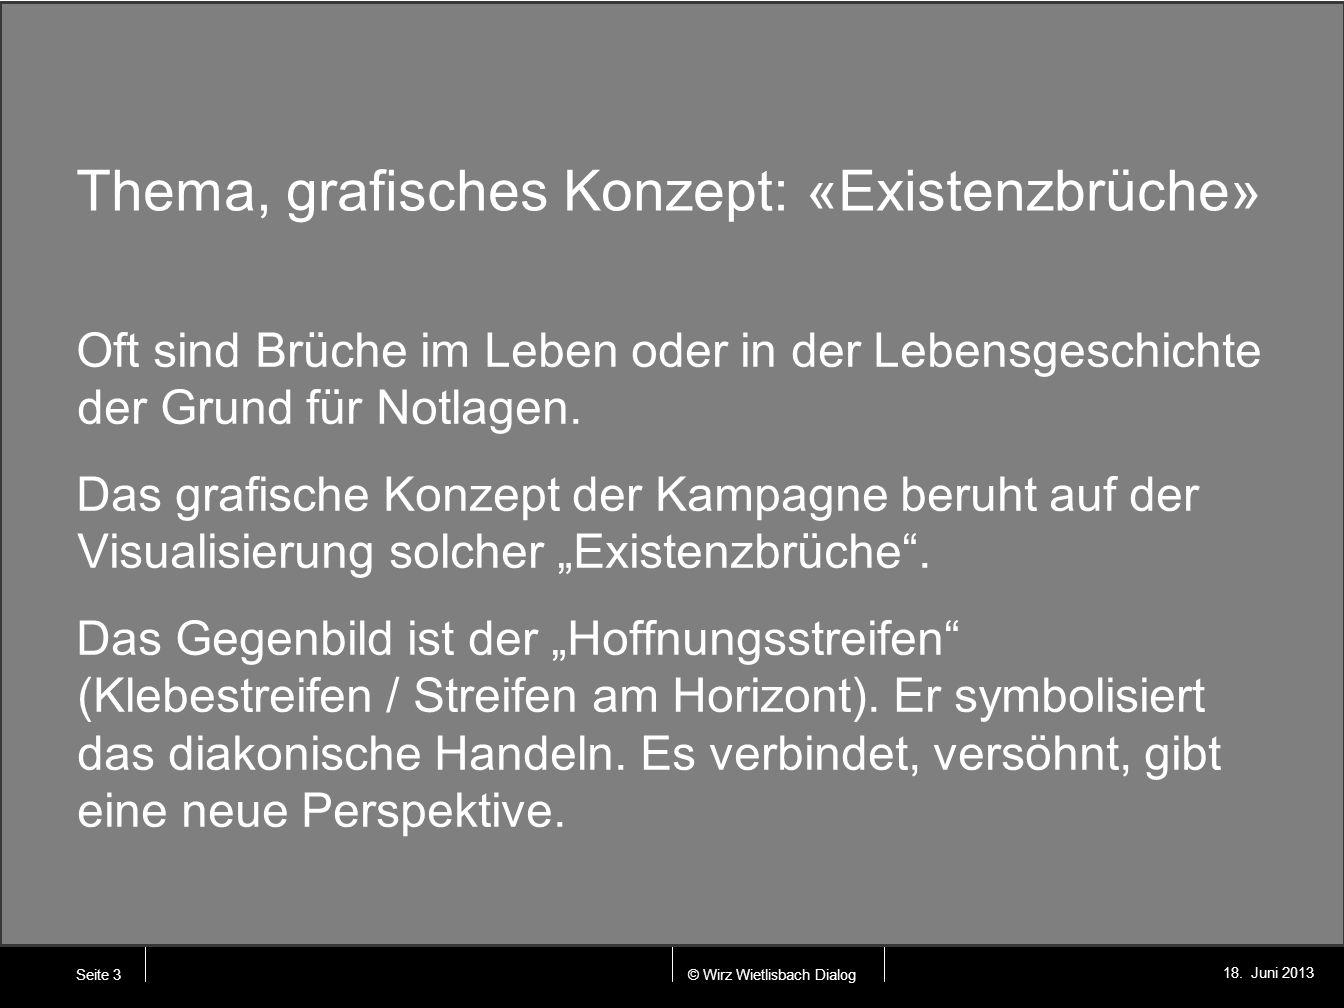 © Wirz Wietlisbach Dialog 18. Juni 2013 Thema, grafisches Konzept: «Existenzbrüche» Oft sind Brüche im Leben oder in der Lebensgeschichte der Grund fü